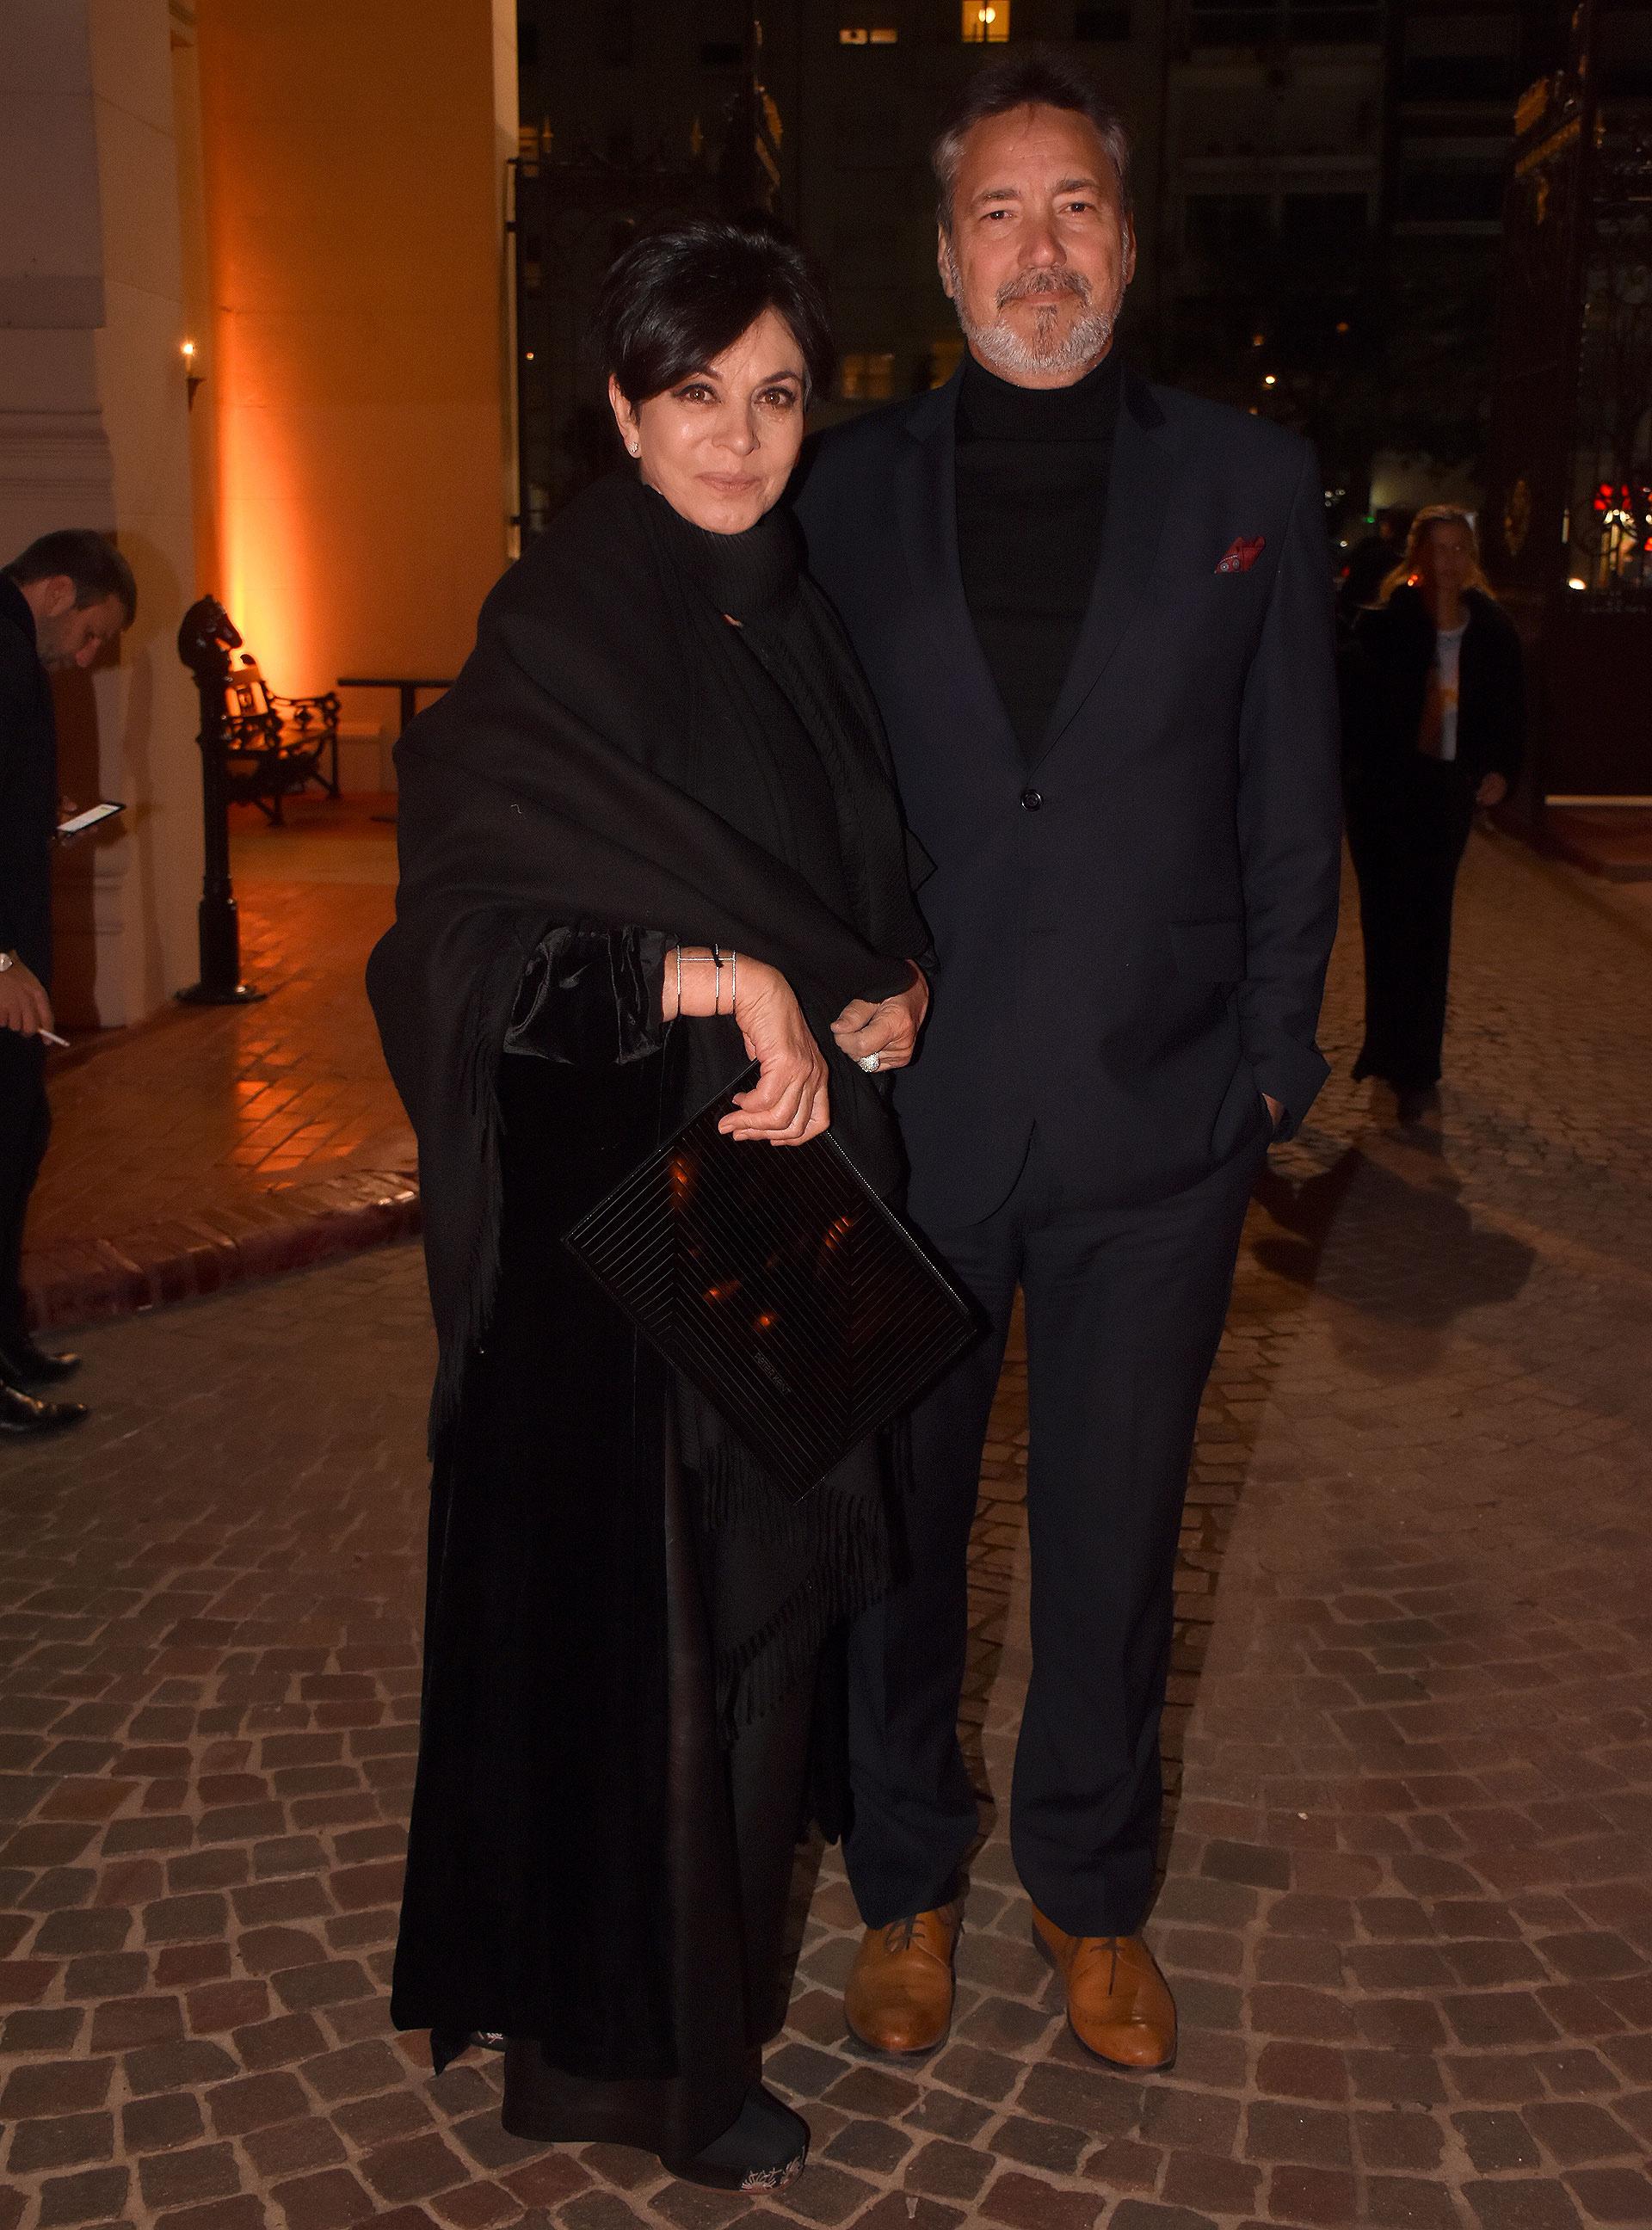 Mónica Gutiérrez y su pareja, el arquitecto Alejandro Fabián Gawianski